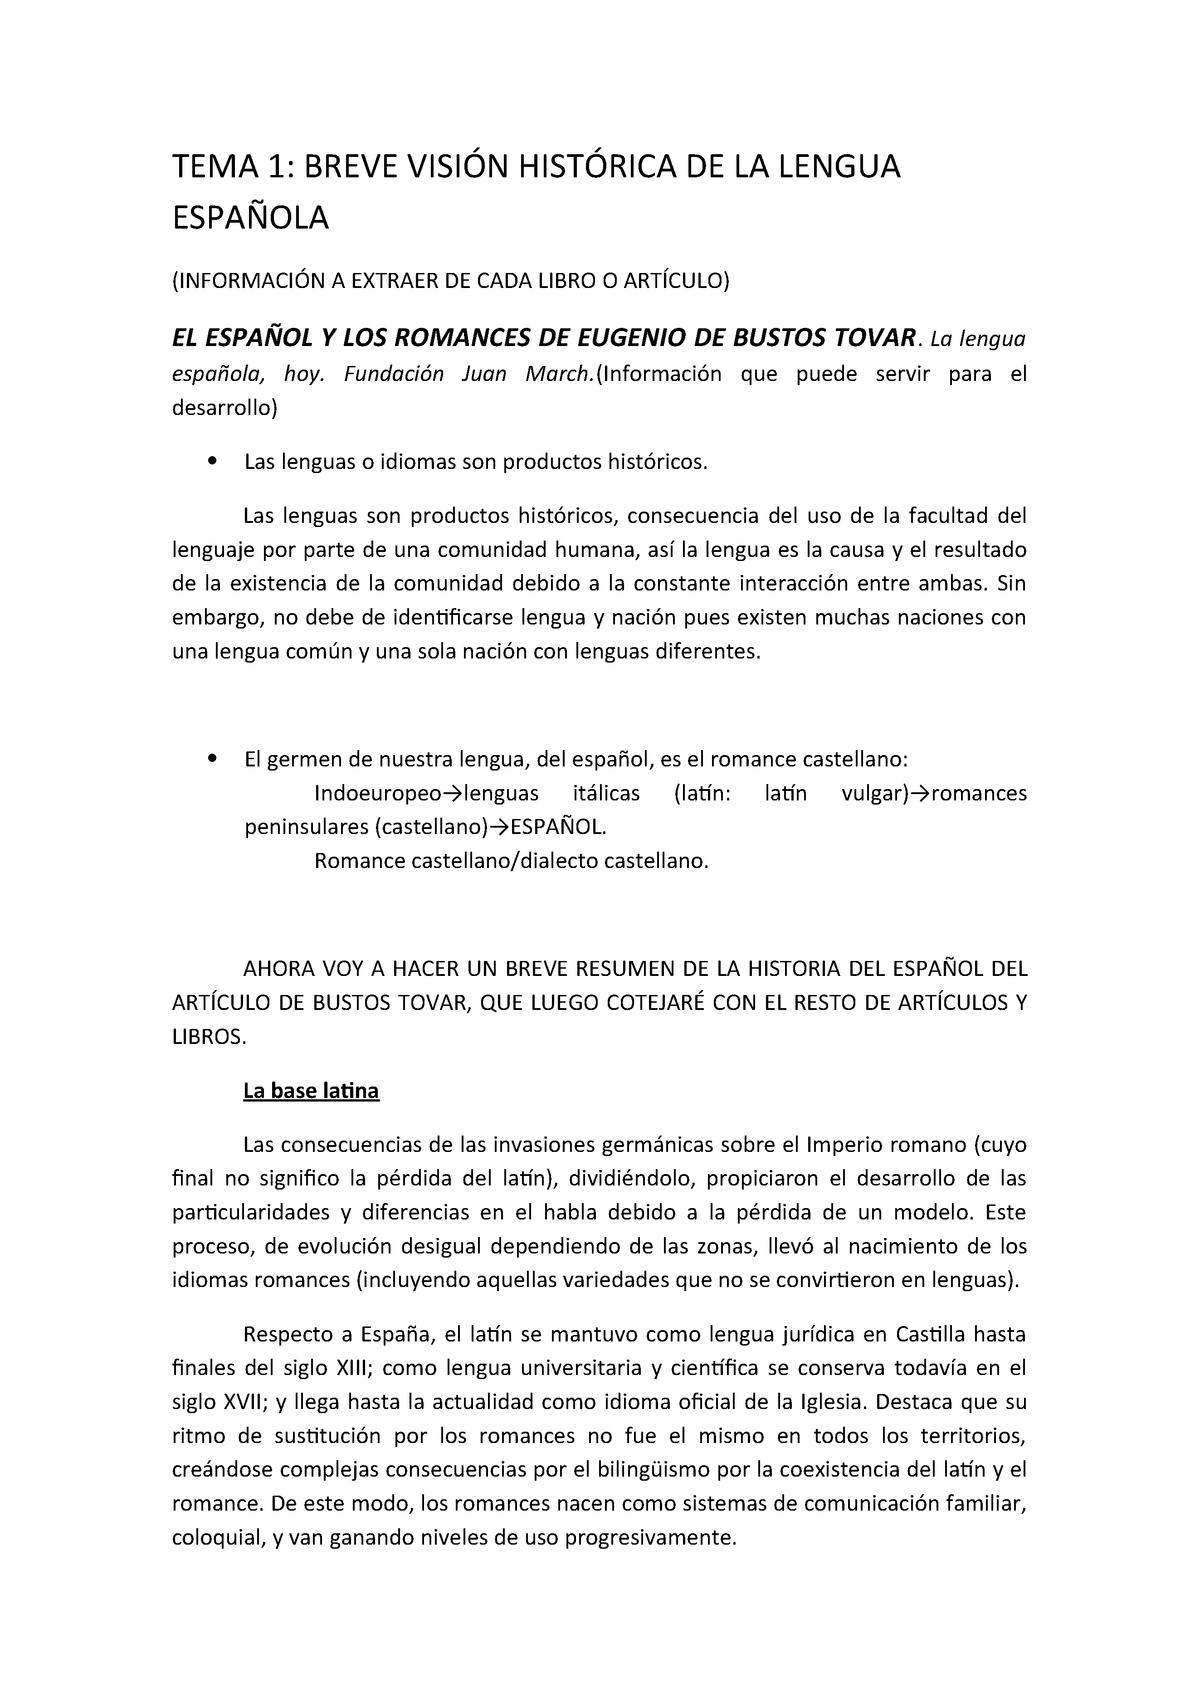 El Español Y Los Romances De Eugenio De Bustos Tovar Studocu